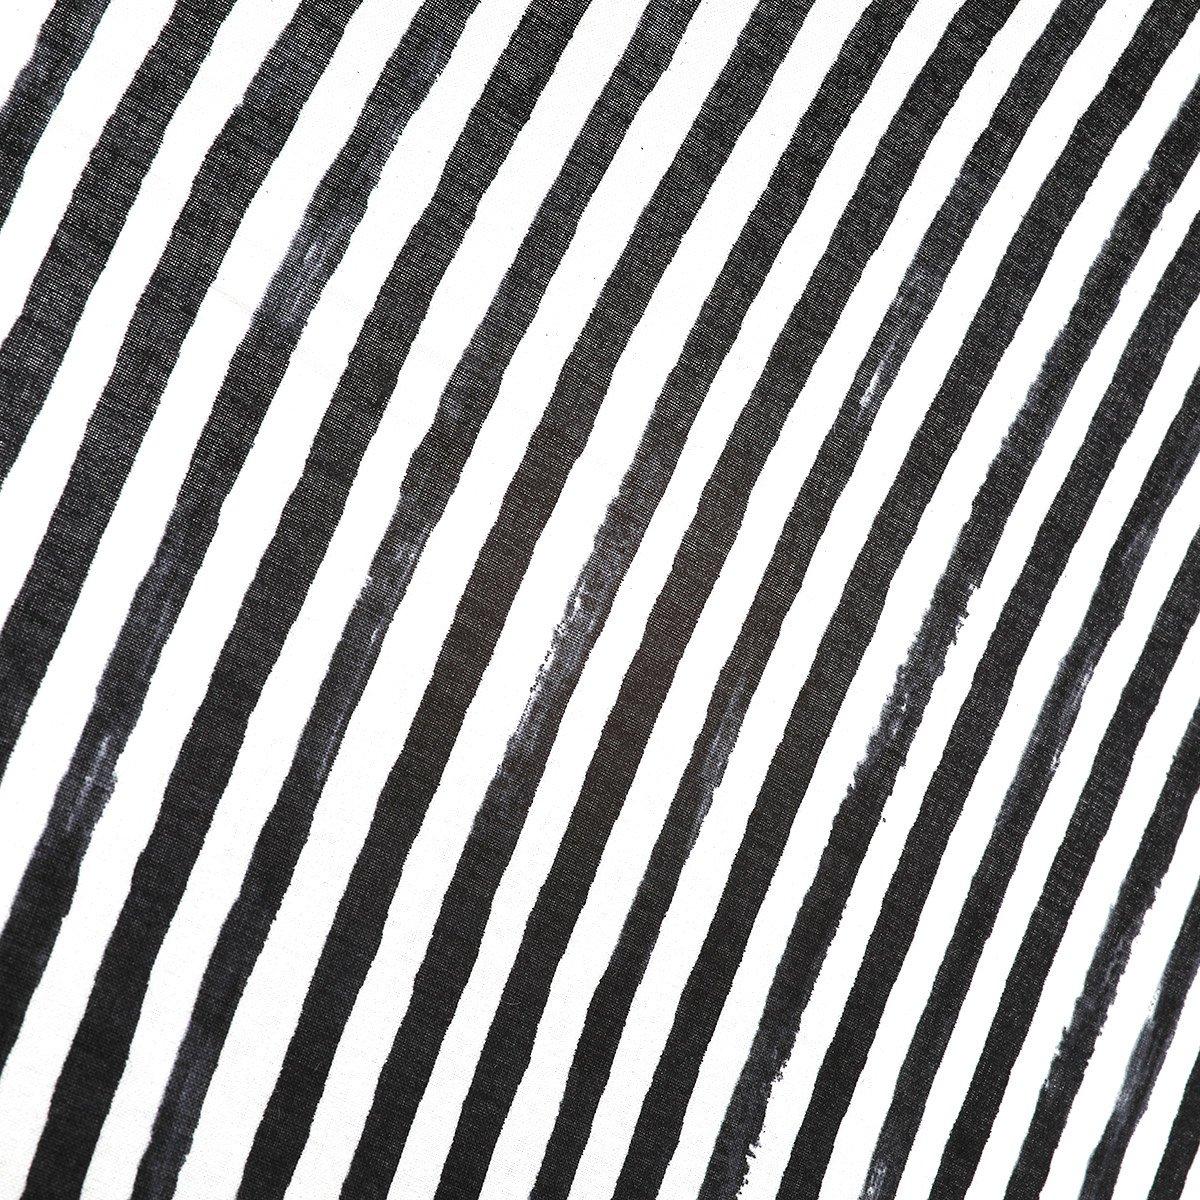 【晴雨兼用傘】レディース 手書き風 ボーダー柄 長傘 詳細画像8